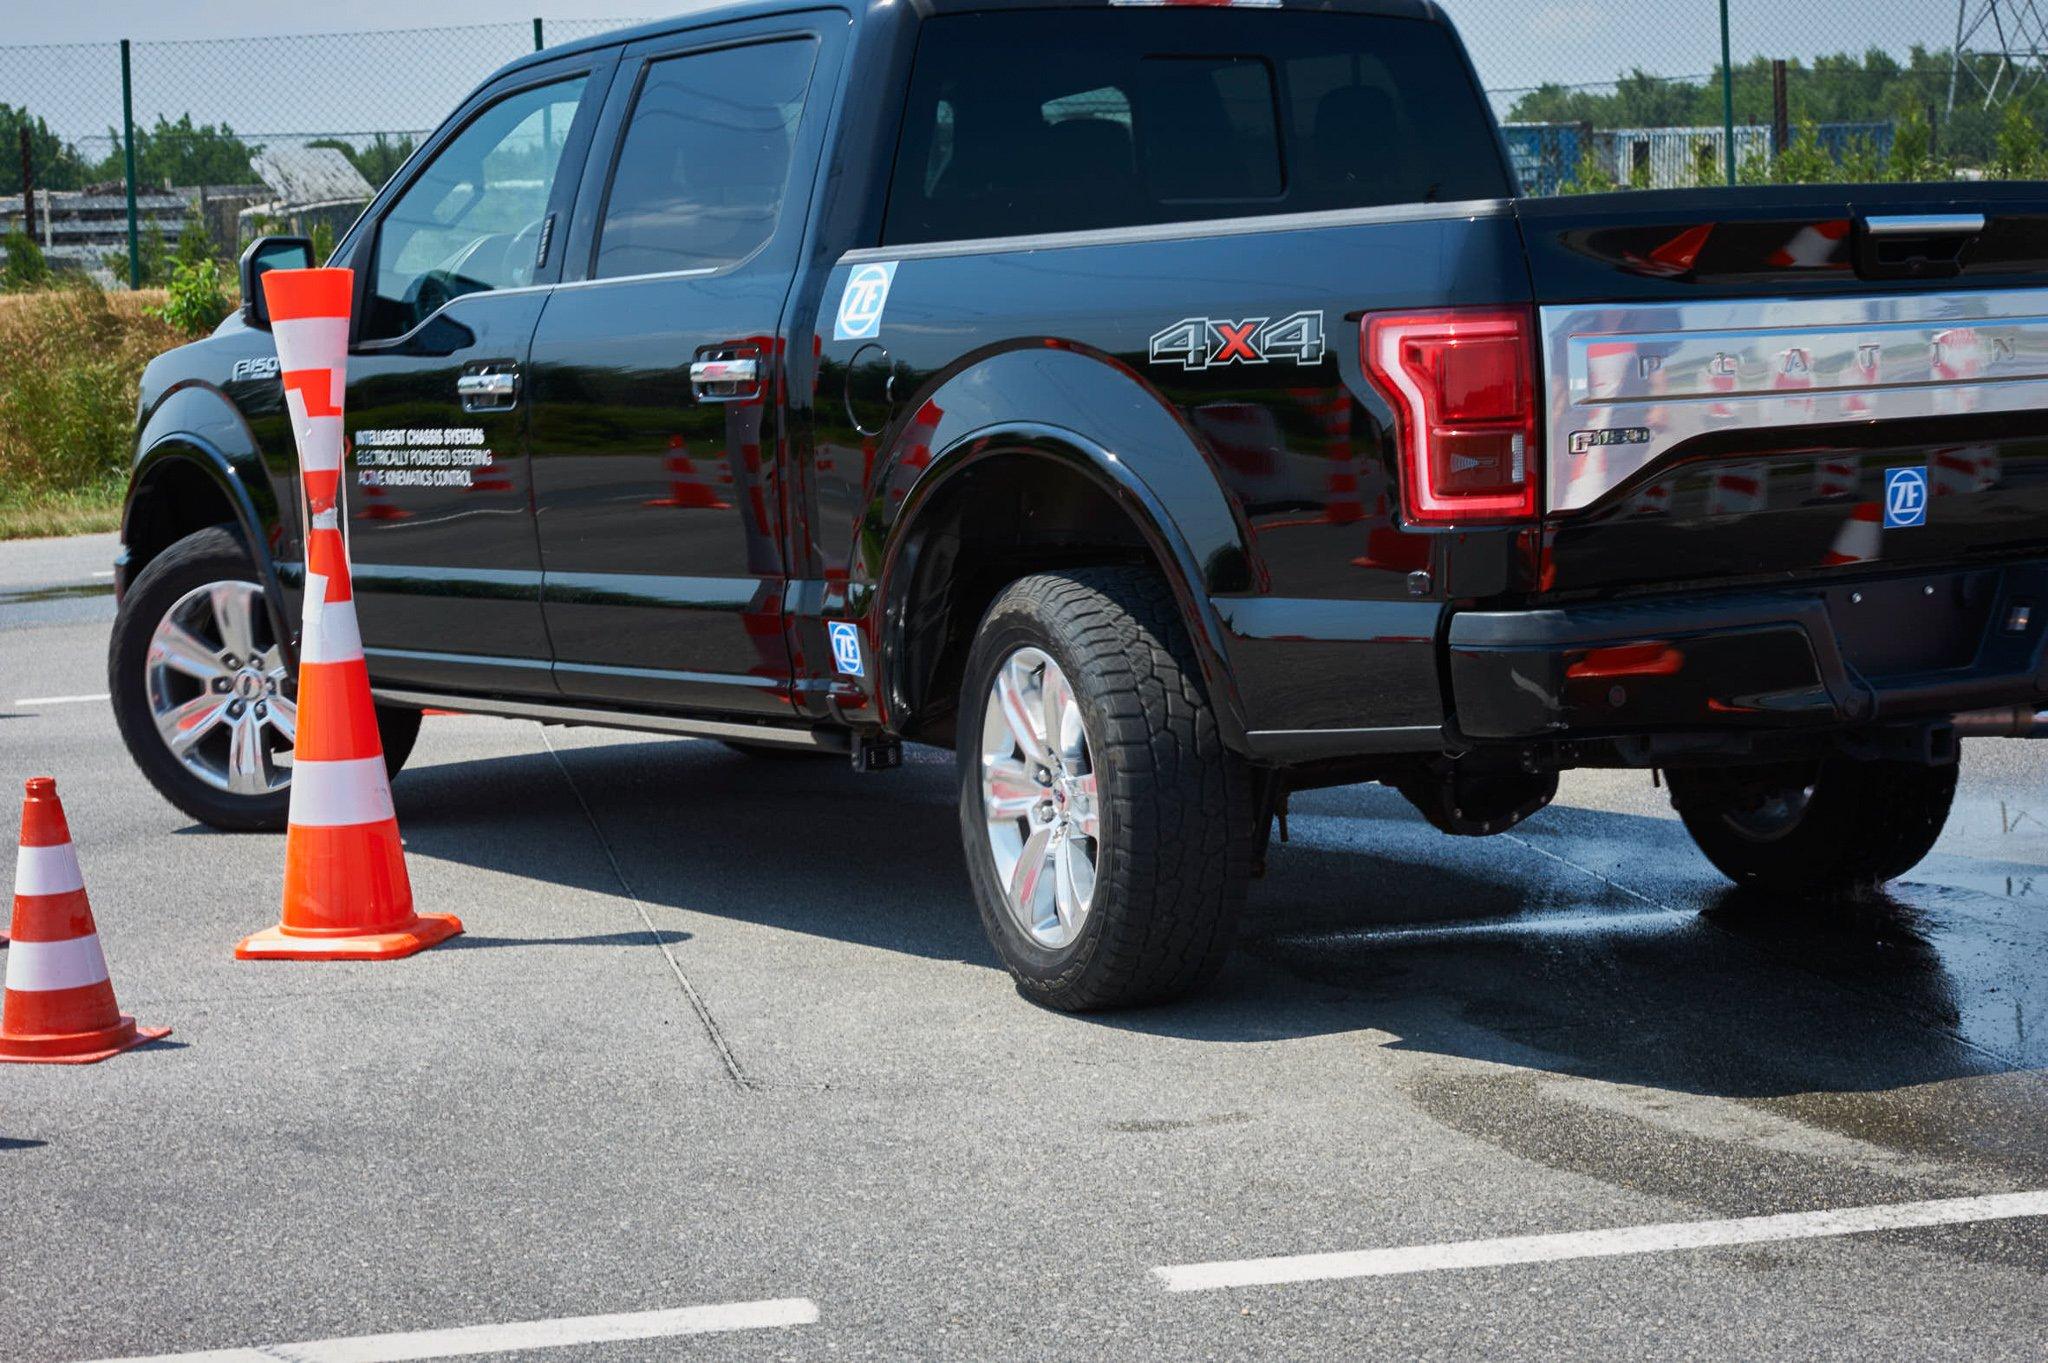 Một chiếc xe bán tải cỡ lớn được trang bị, như ảnh có thể nhìn rõ bánh sau chuyển hướng. Đối với những xe dài như thế này hoặc những xe Sedan cỡ lớn thì việc trang bị hệ thống này còn giúp xe xoay sở dễ hơn, quay đầu với góc hẹp hơn, lái xe linh hoạt hơn.